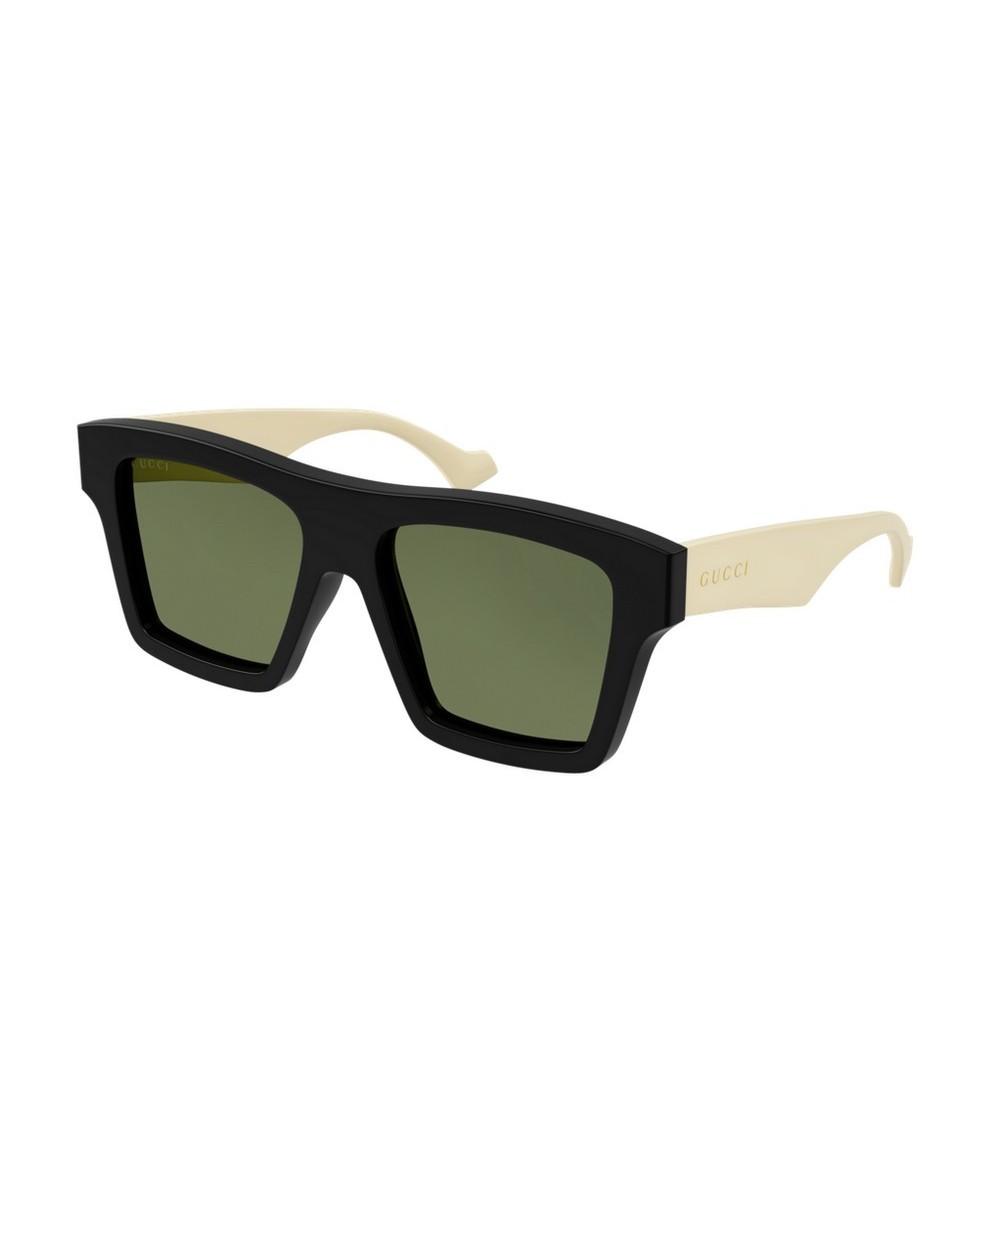 Occhiale da sole Gucci GG 0962S originale garanzia italia